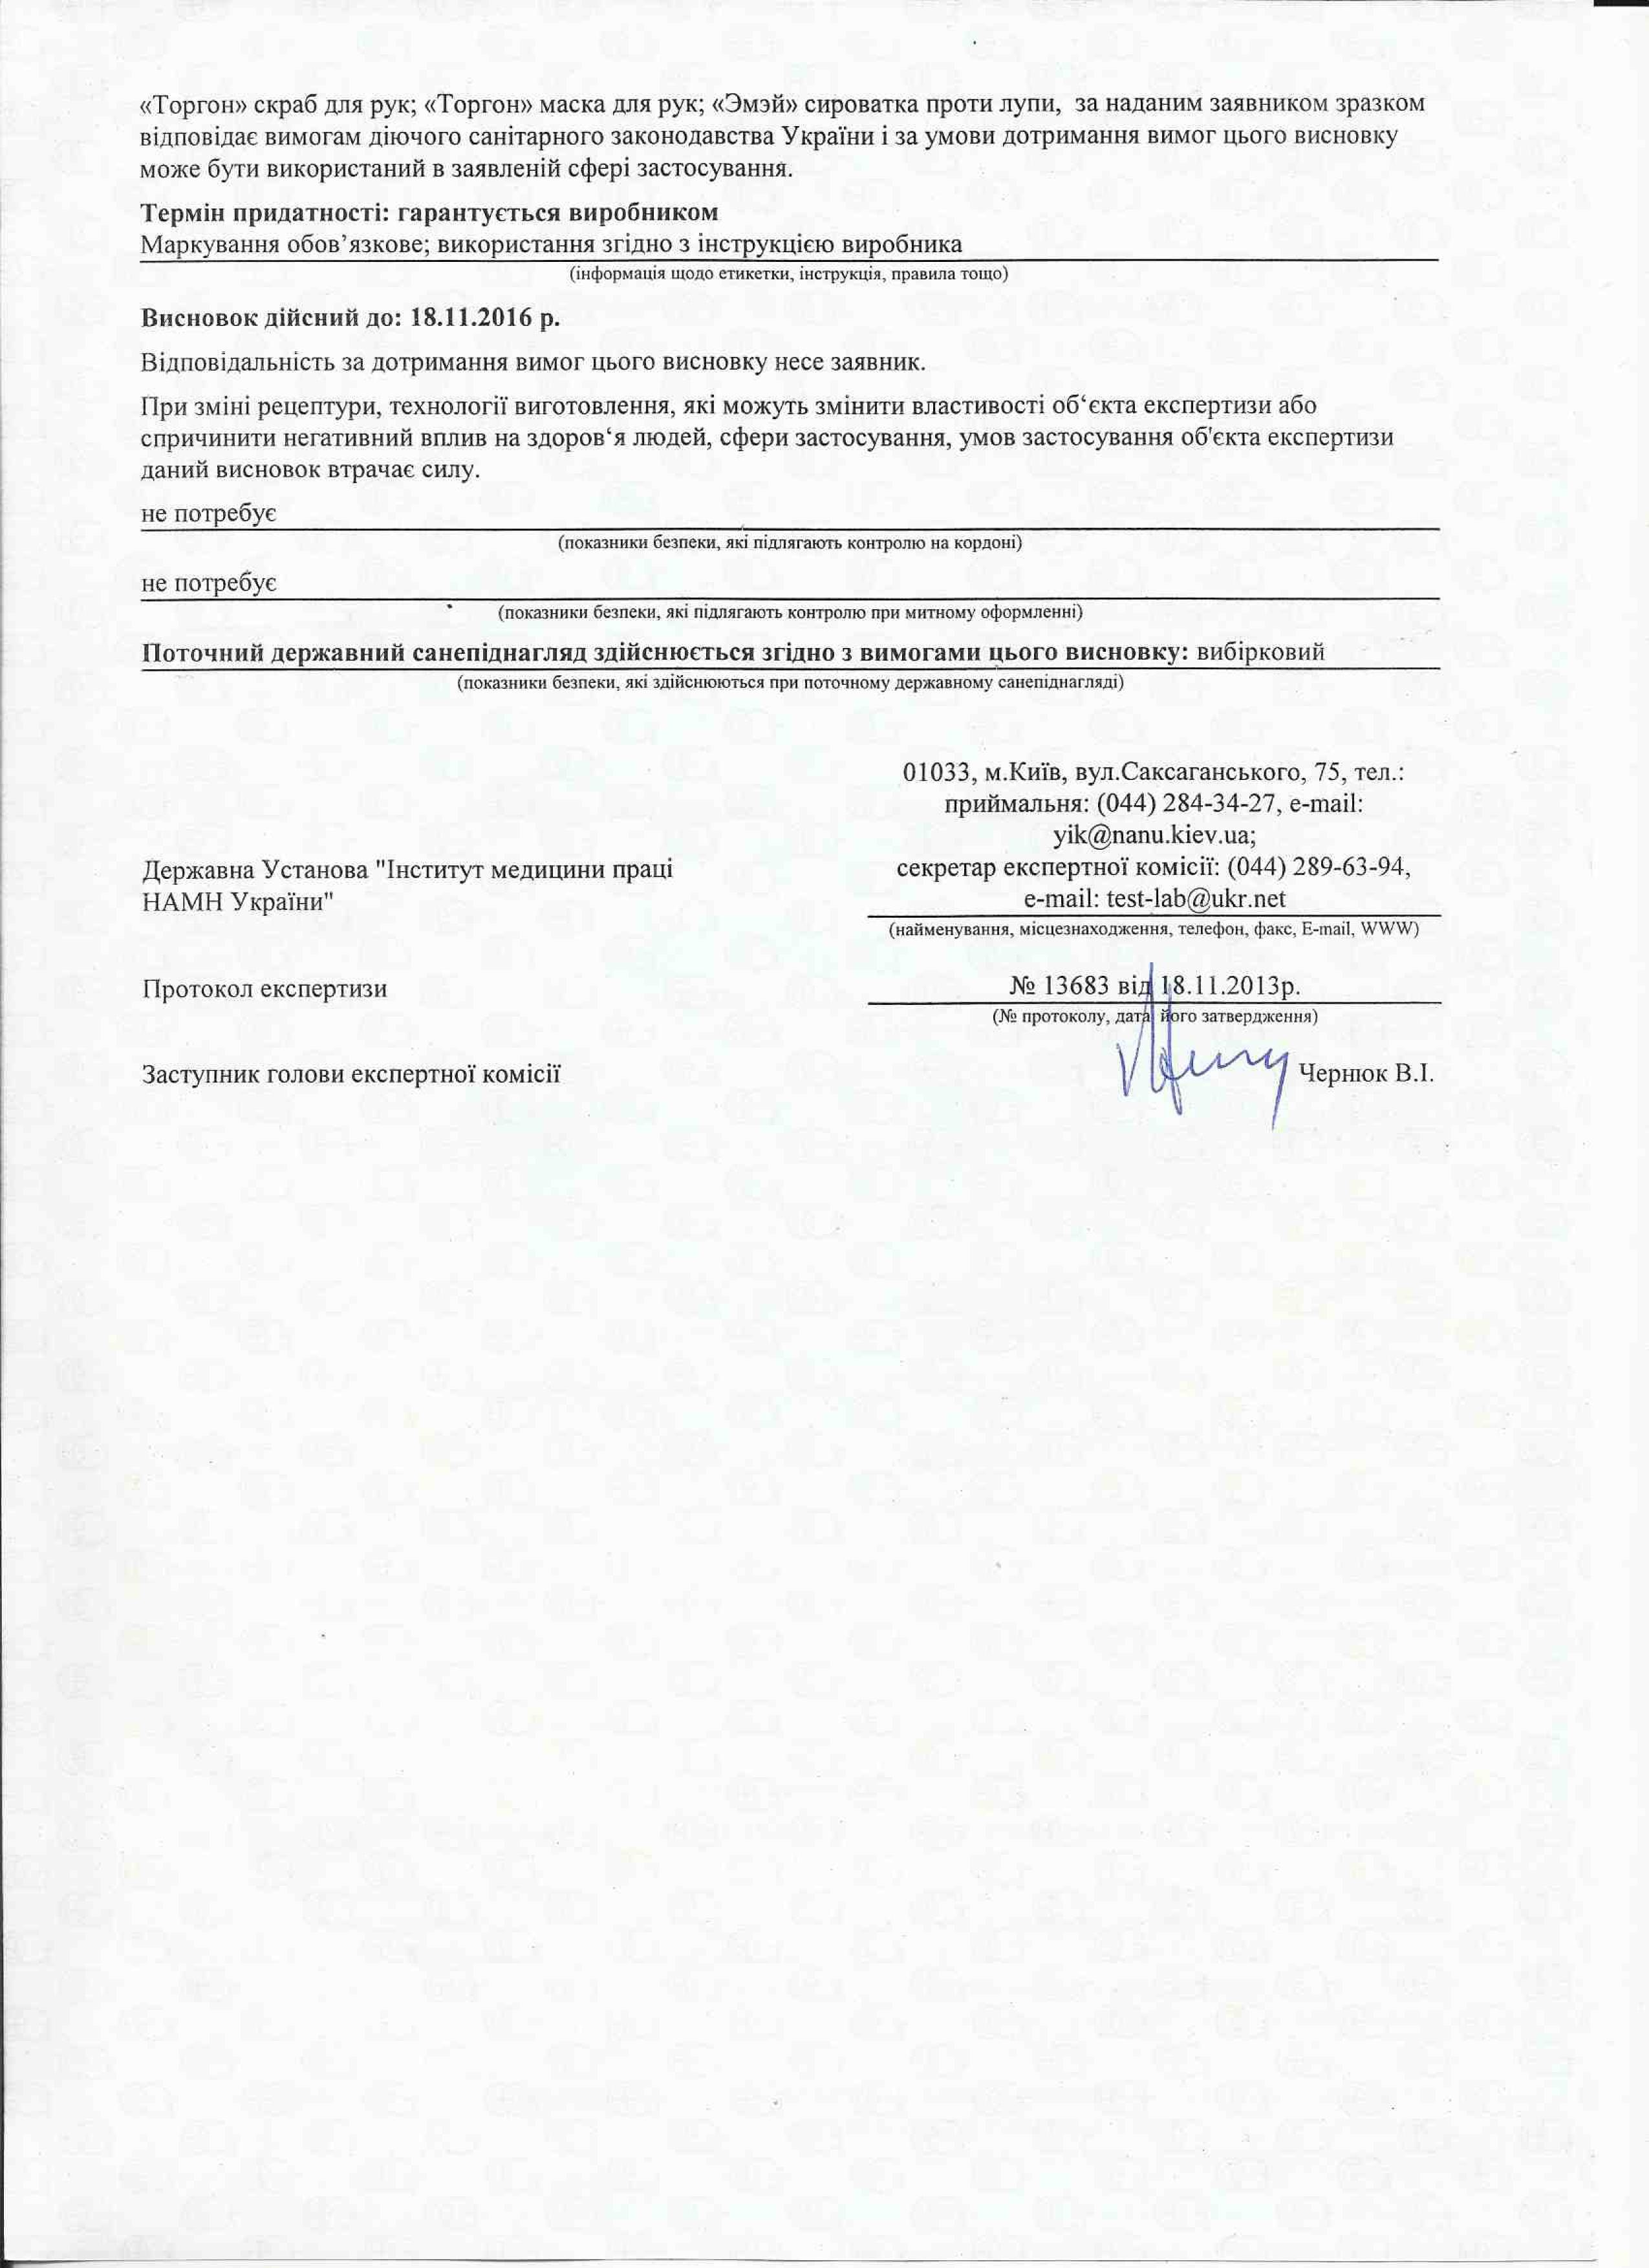 salitsilovaya-maz-pri-seboree-instruktsiya-po-primeneniyu